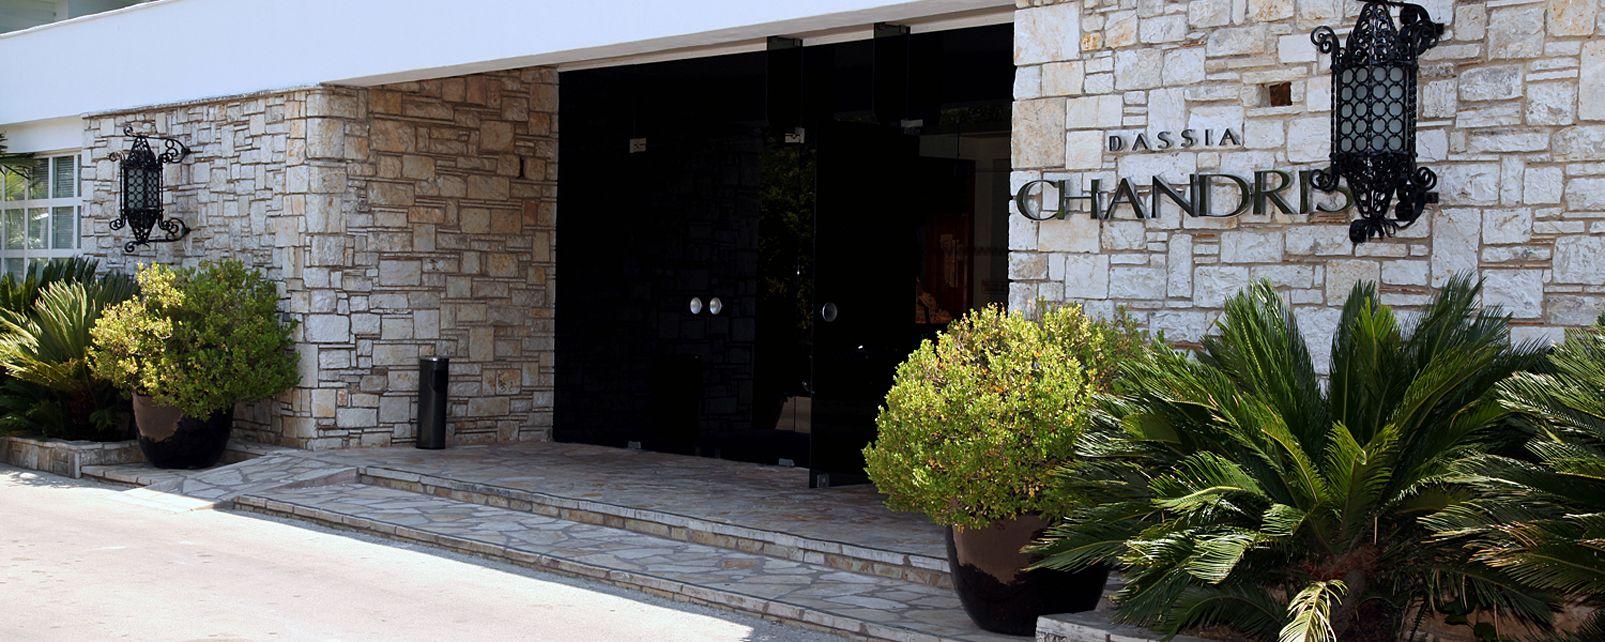 Hôtel Dassia Chandris